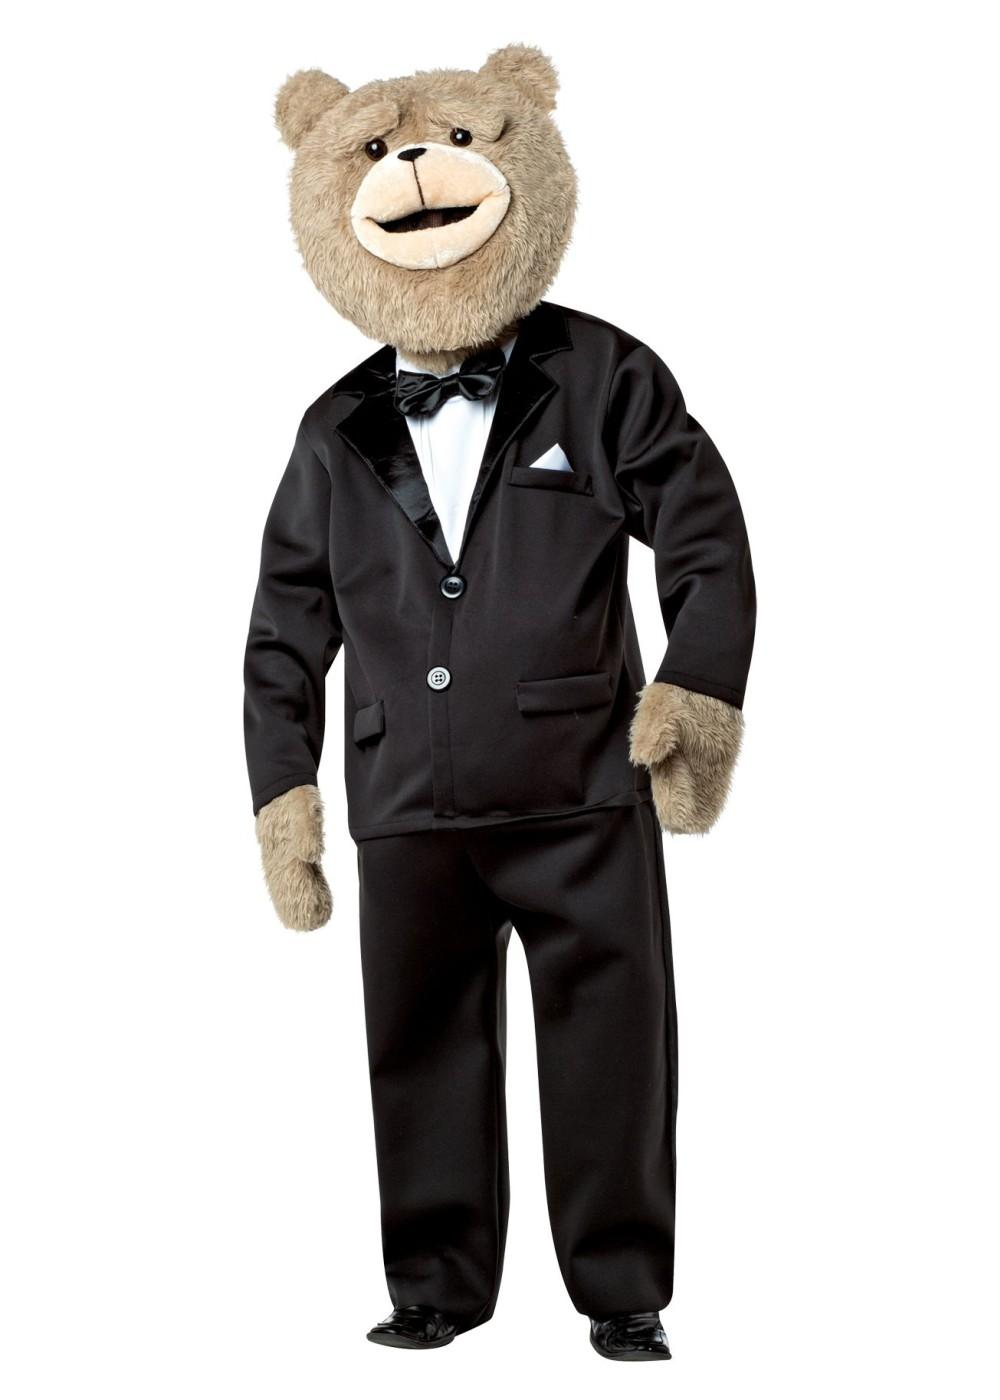 Mens Ted 2 Tuxedo Bear Costume  sc 1 st  Wonder Costumes & Mens Ted 2 Tuxedo Bear Costume - Animal Costumes